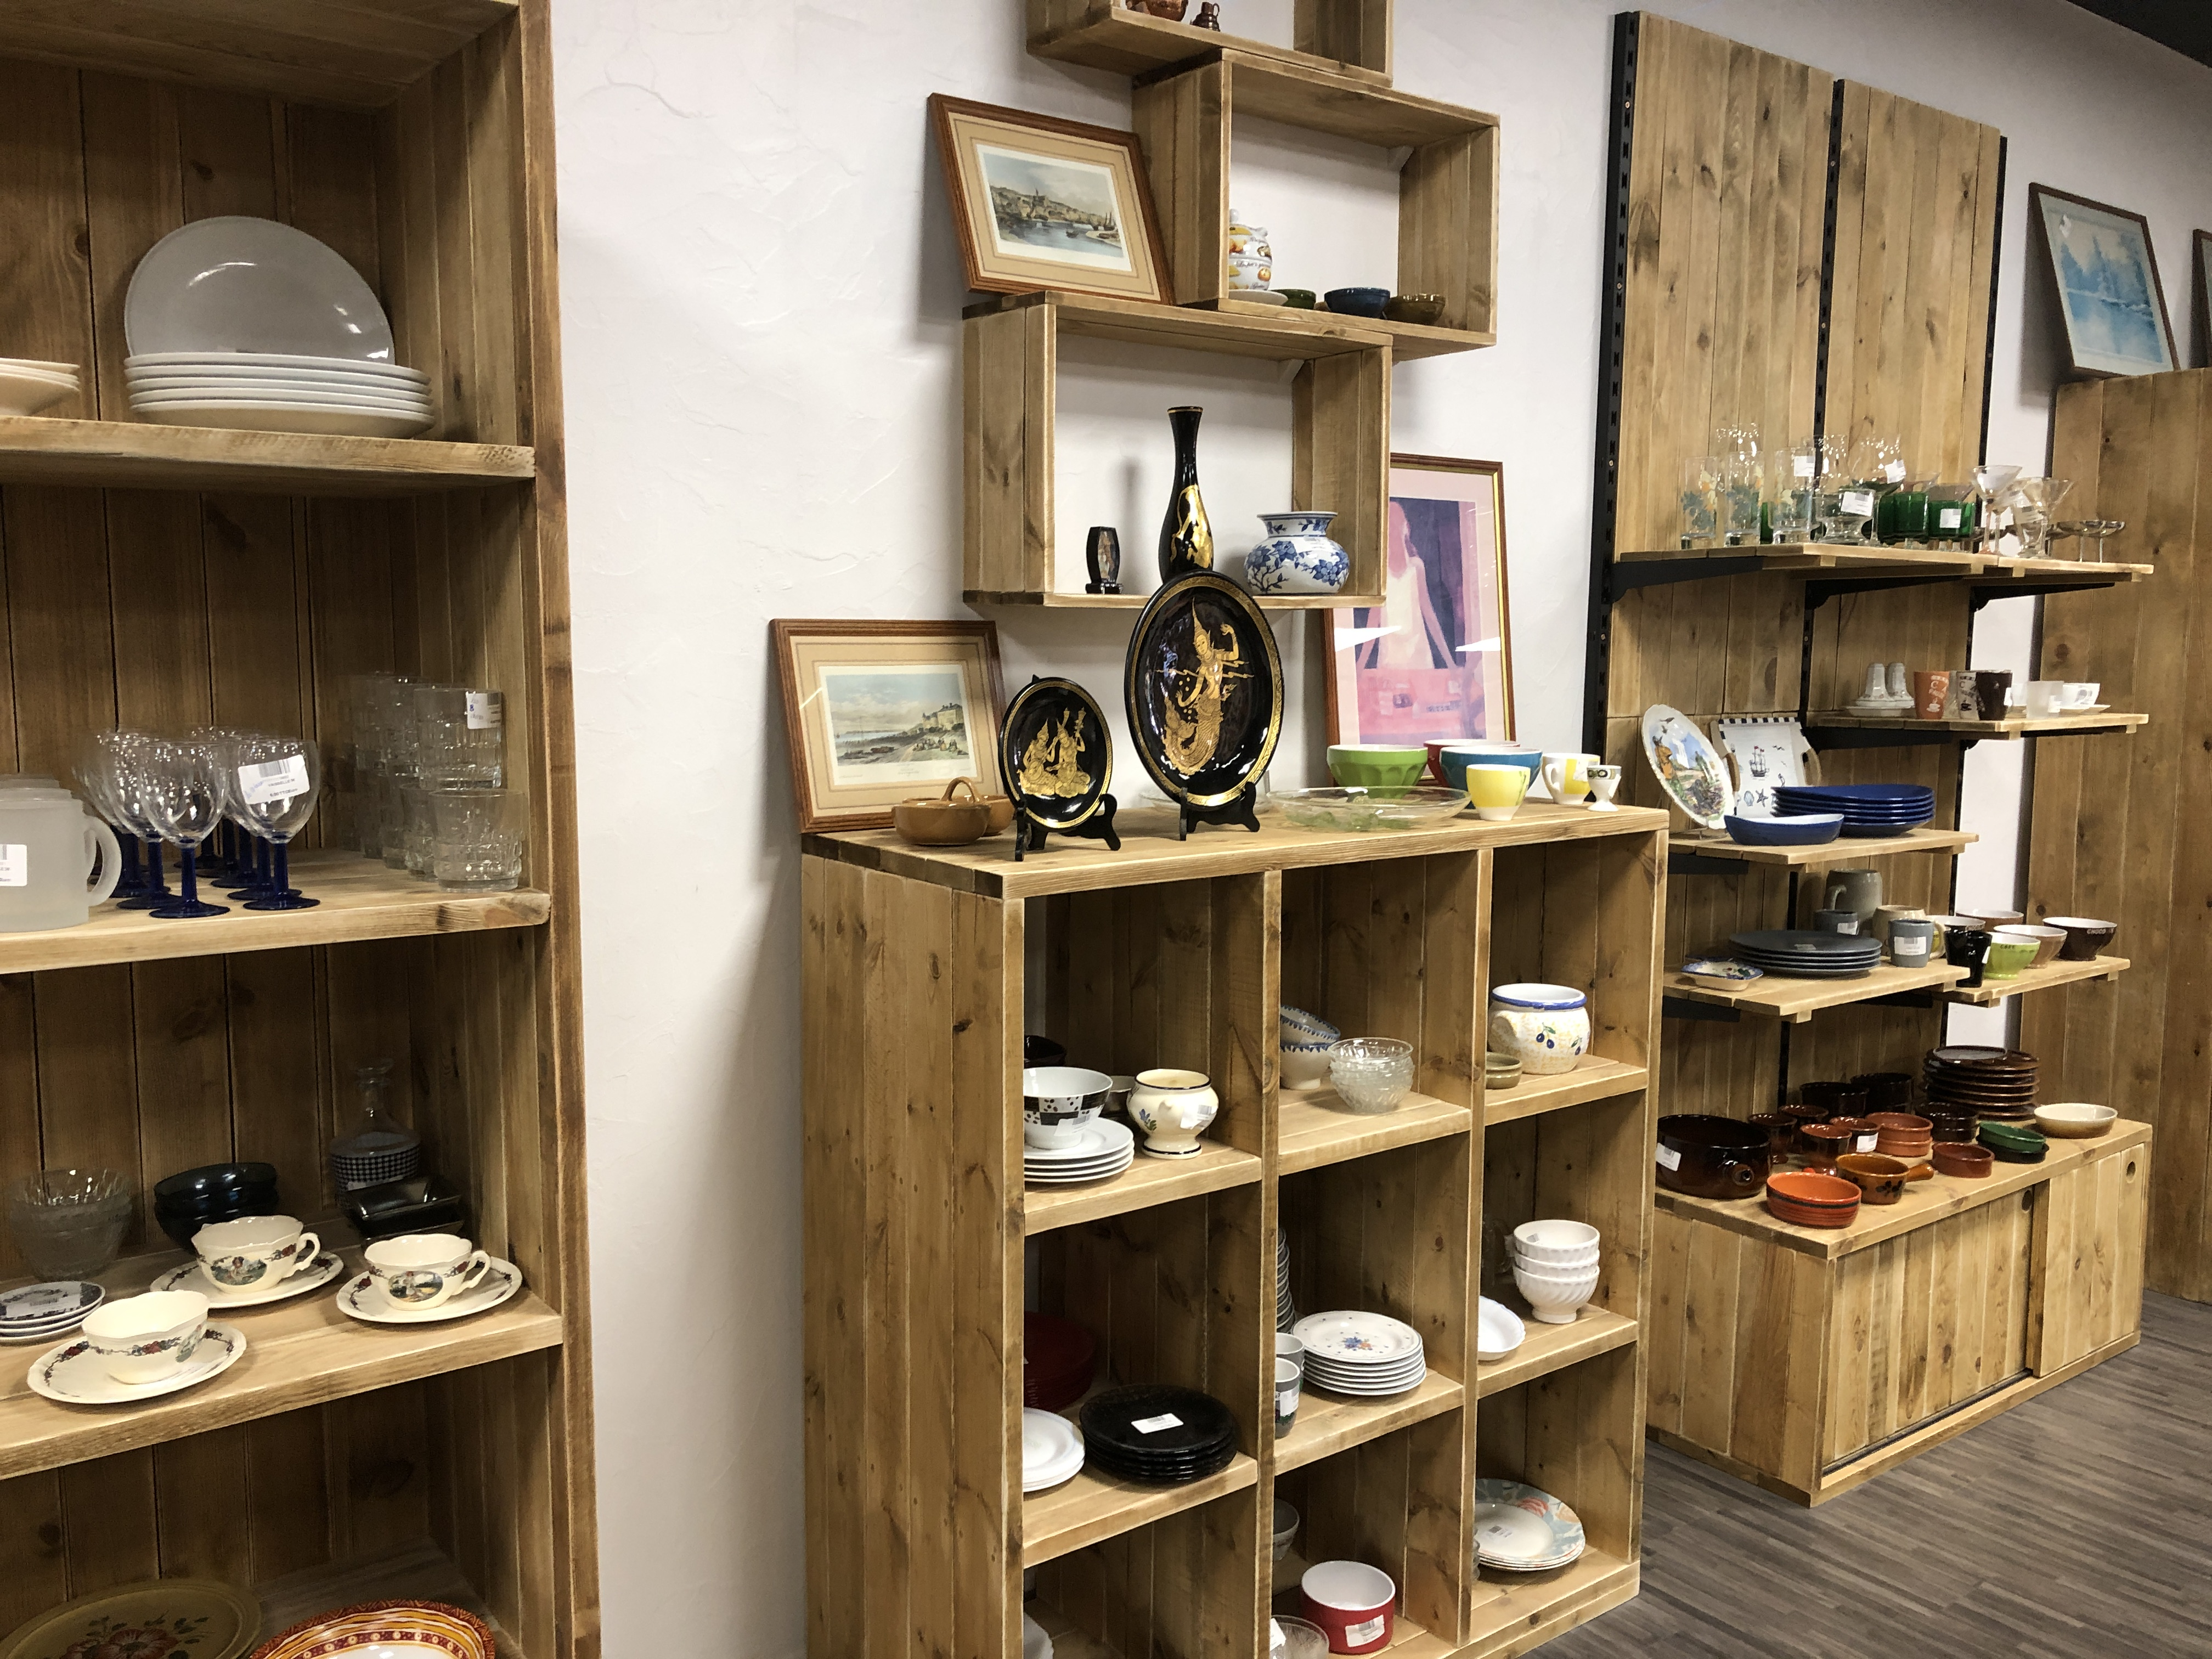 2019 03 08 inauguration de la boutique La Chiffo BIS à Hérouville Saint Clair (15)